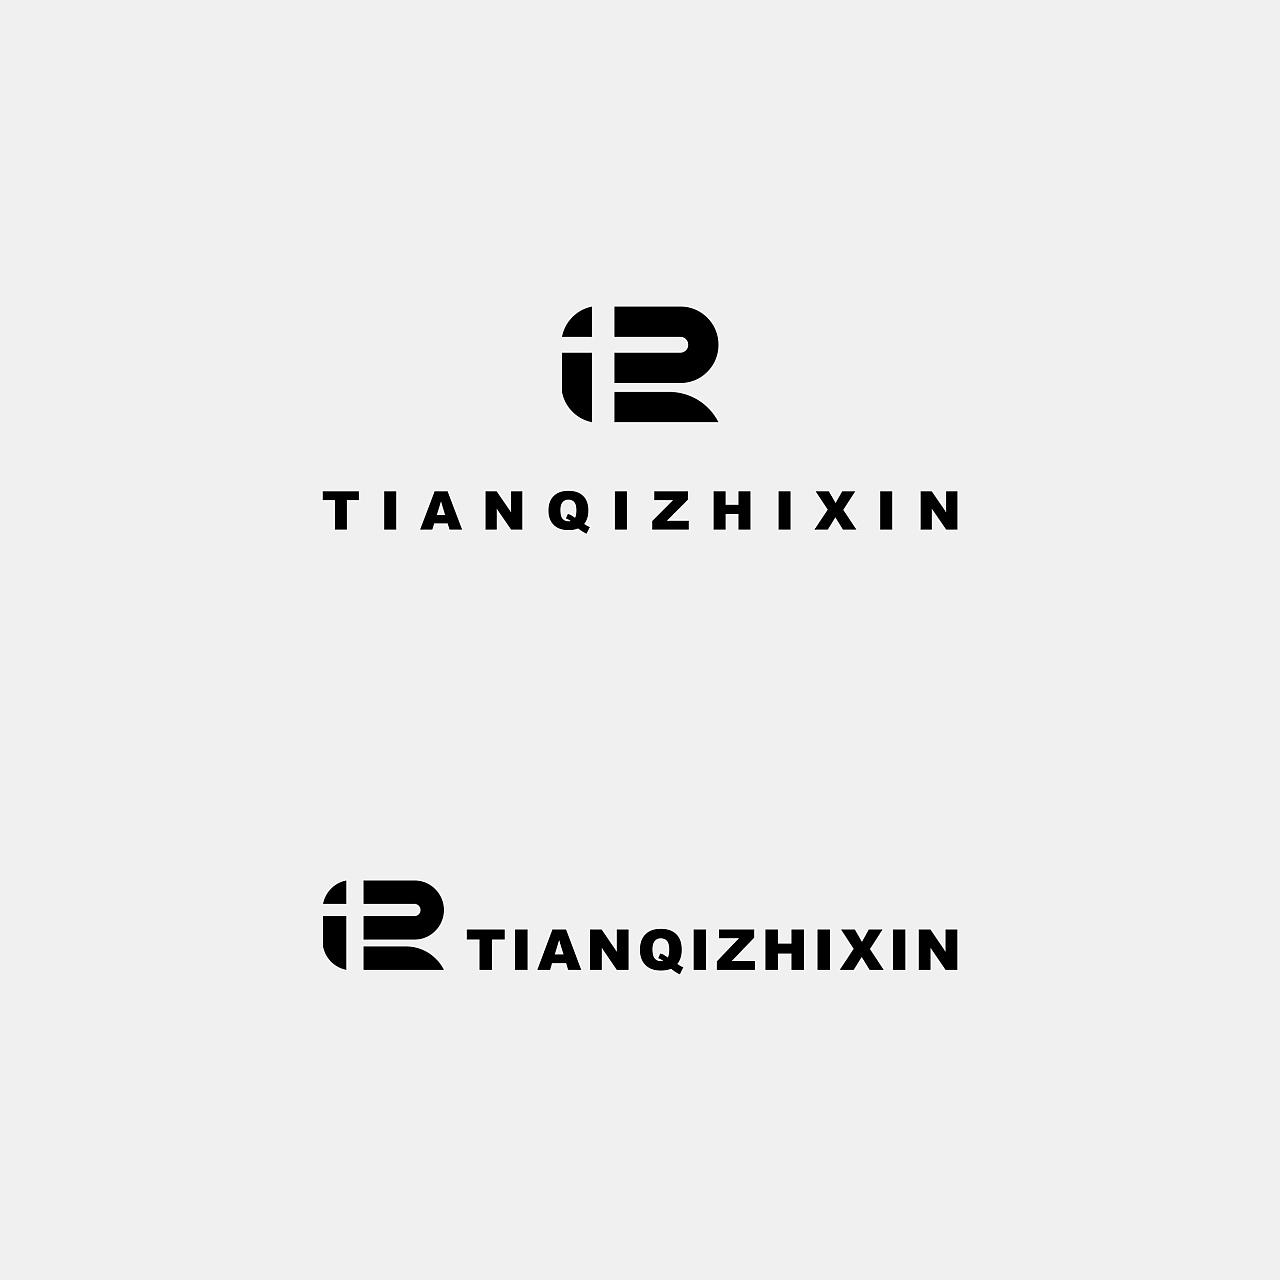 天奇智新知识产权logo图片